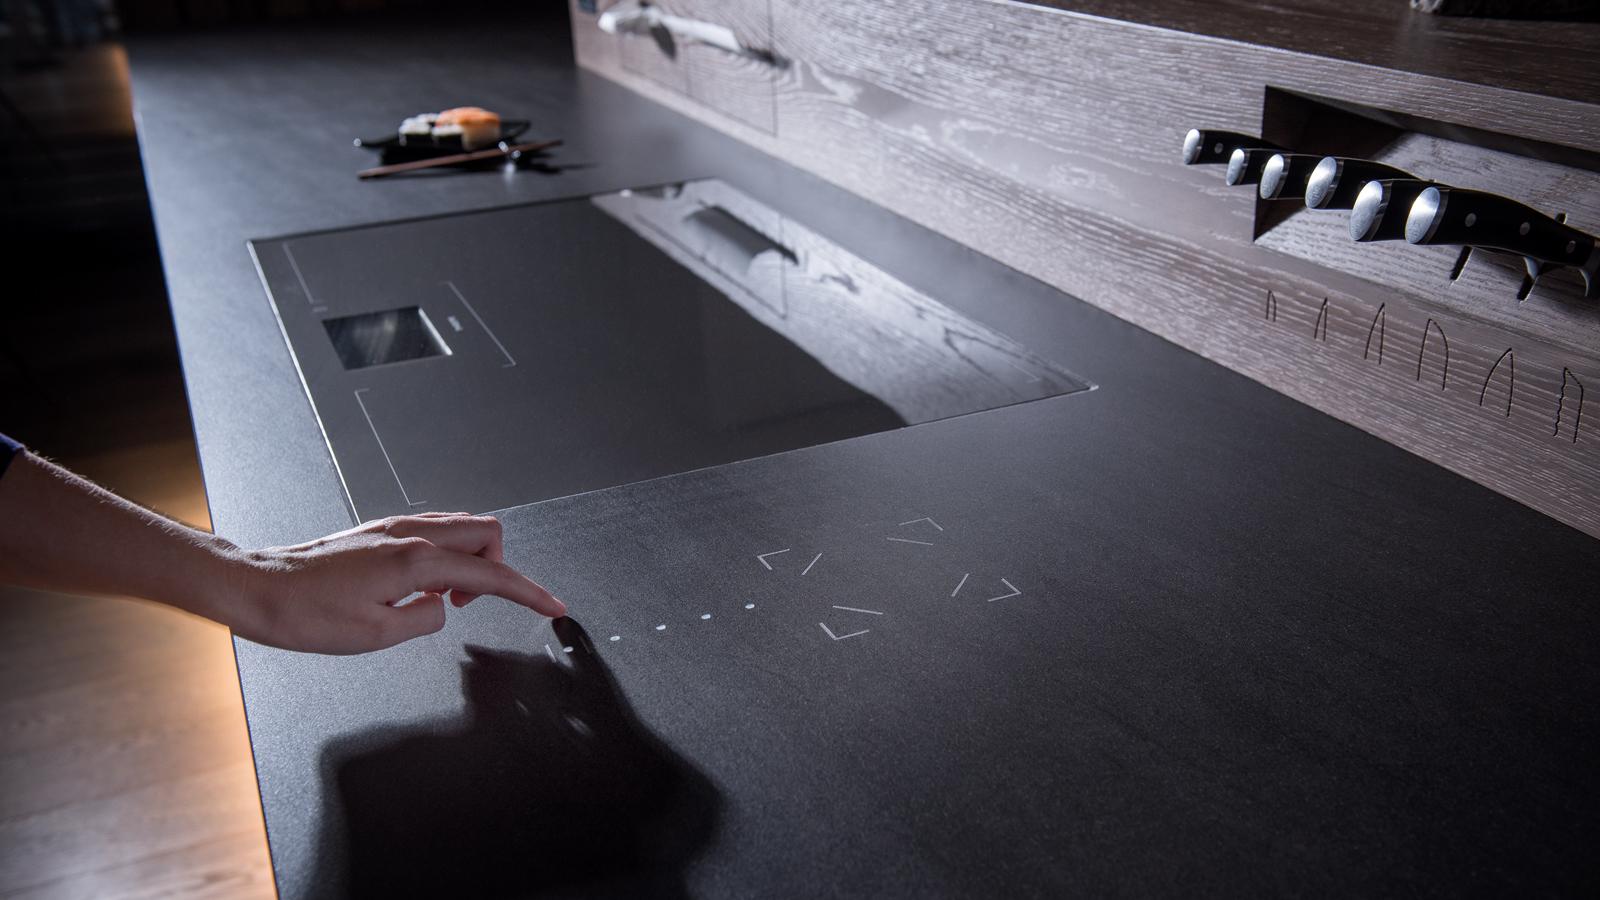 Durch Berührung des Natursteines an den eingravierten Stellen aktiviert der Anwender die Steuerung von Licht, Beschattung oder Musik.